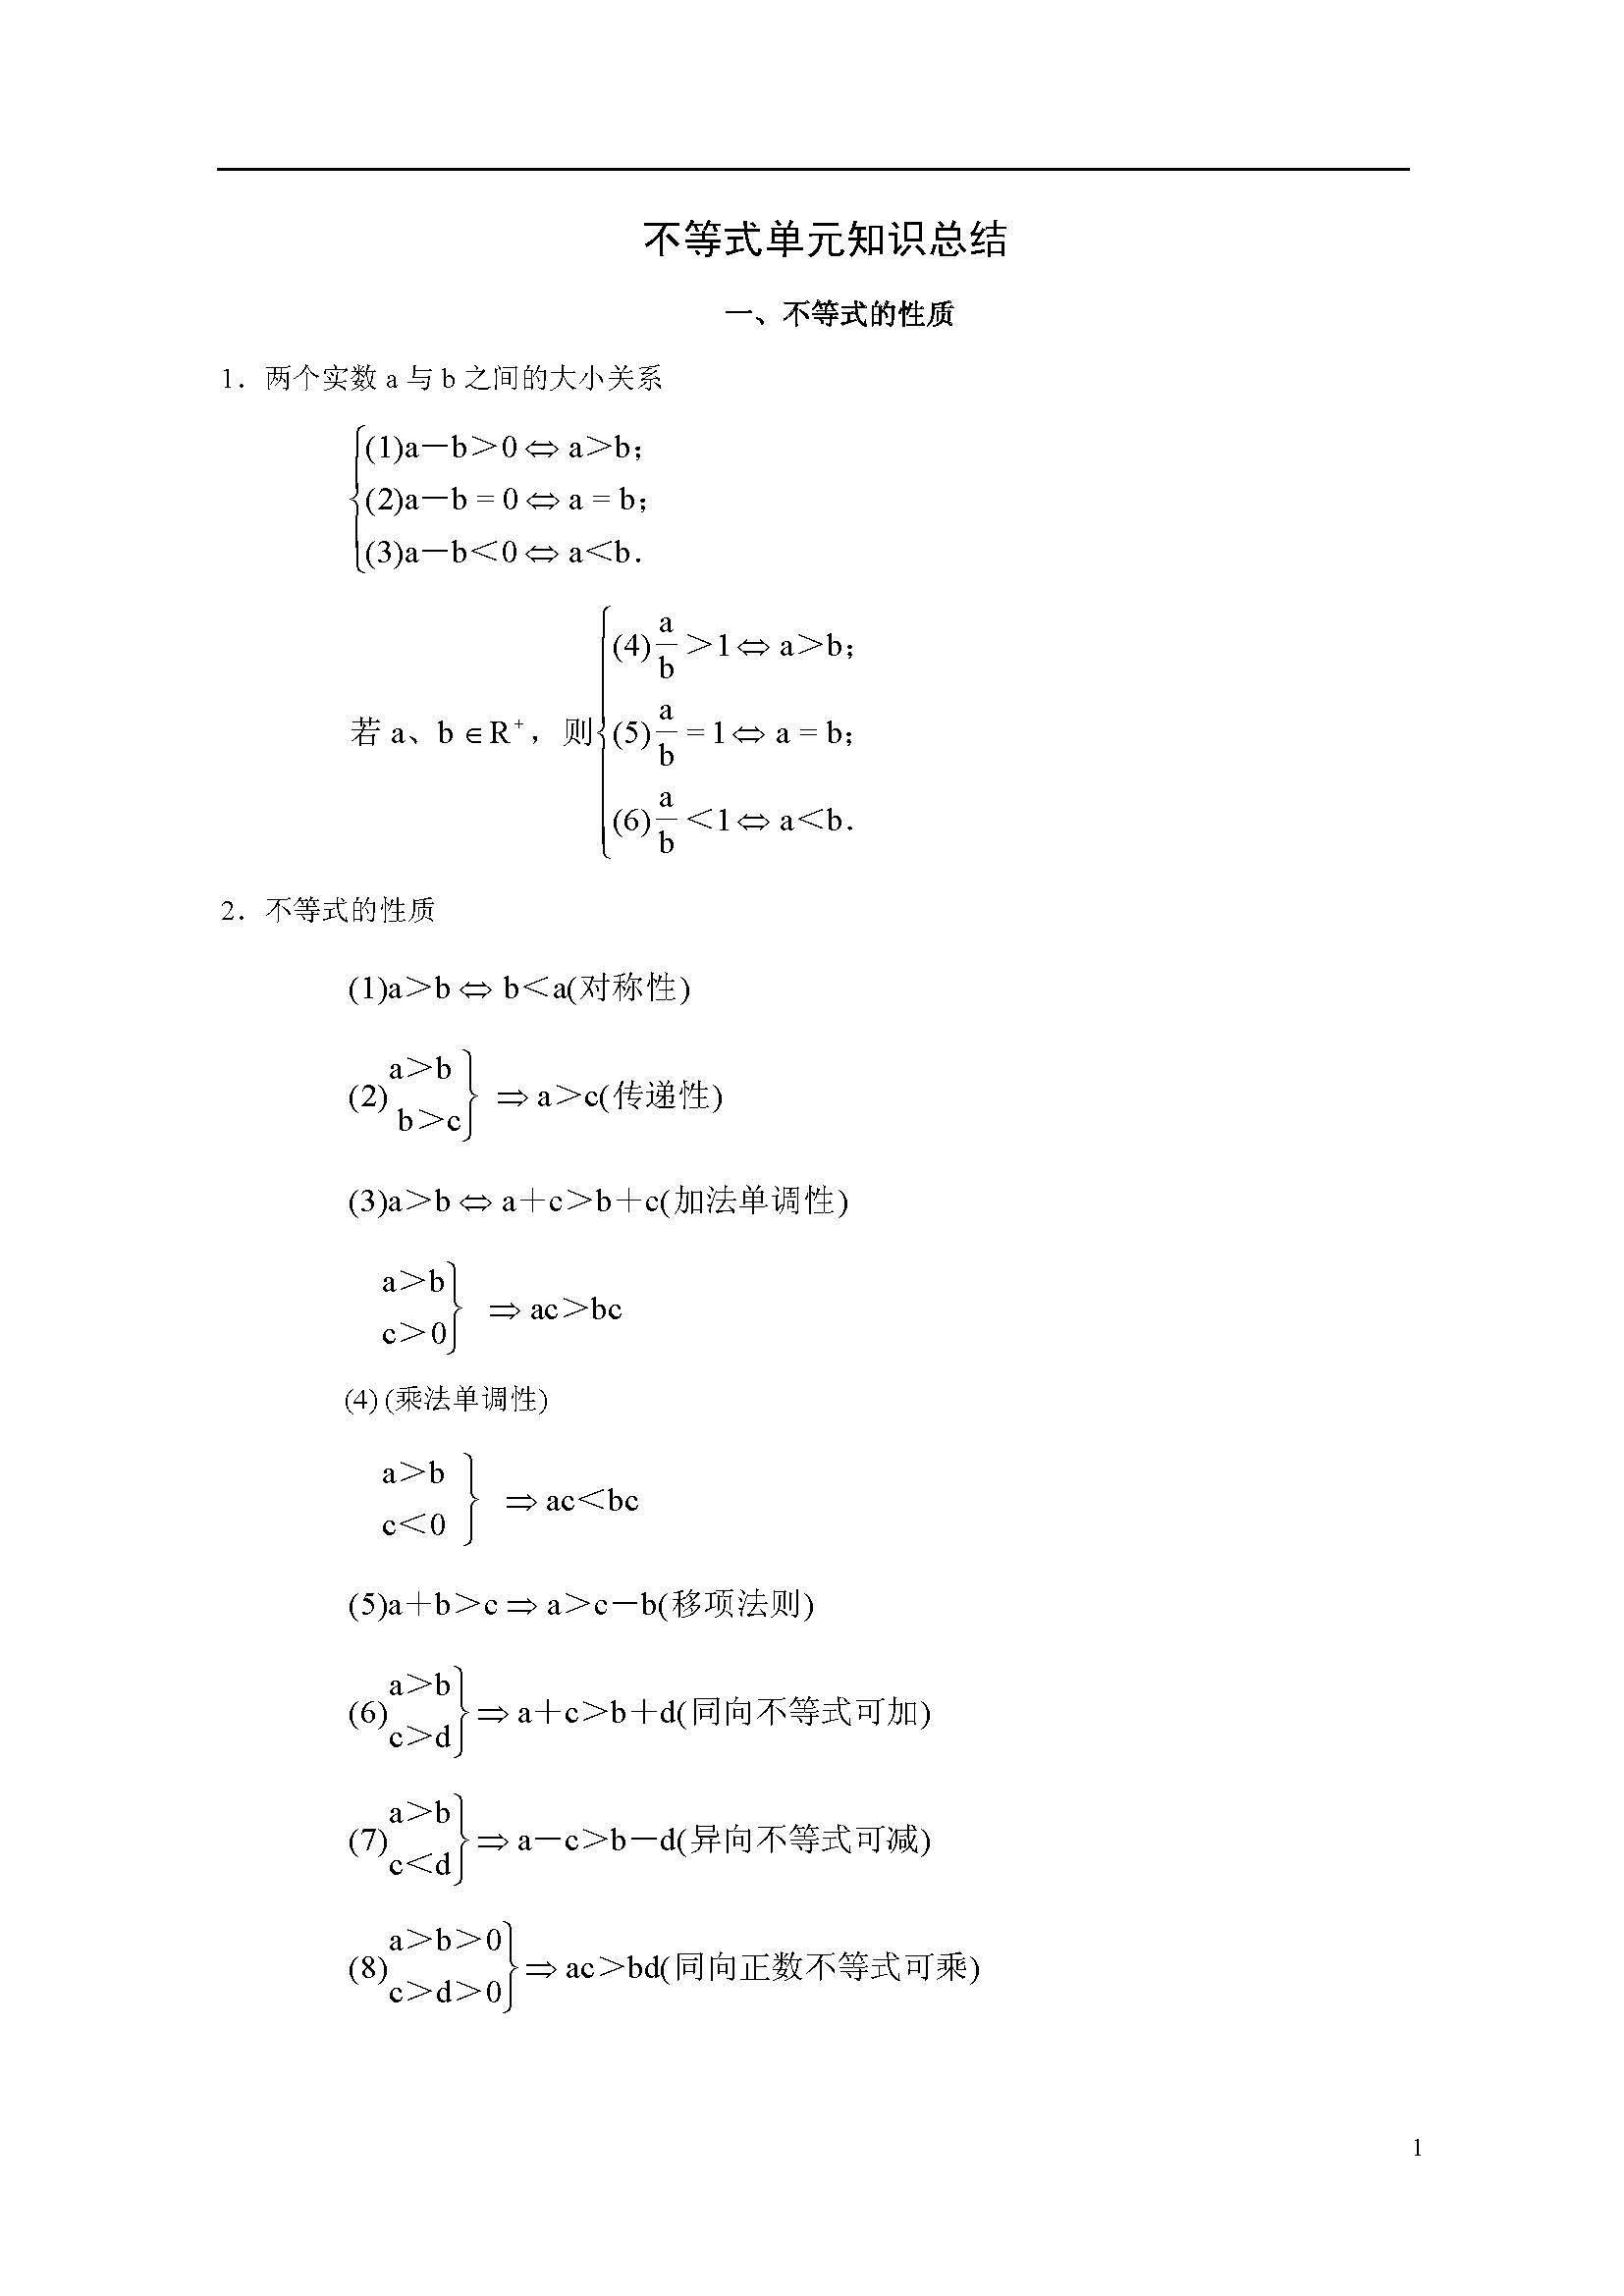 高二数学上册知识点总结:不等式知识总结